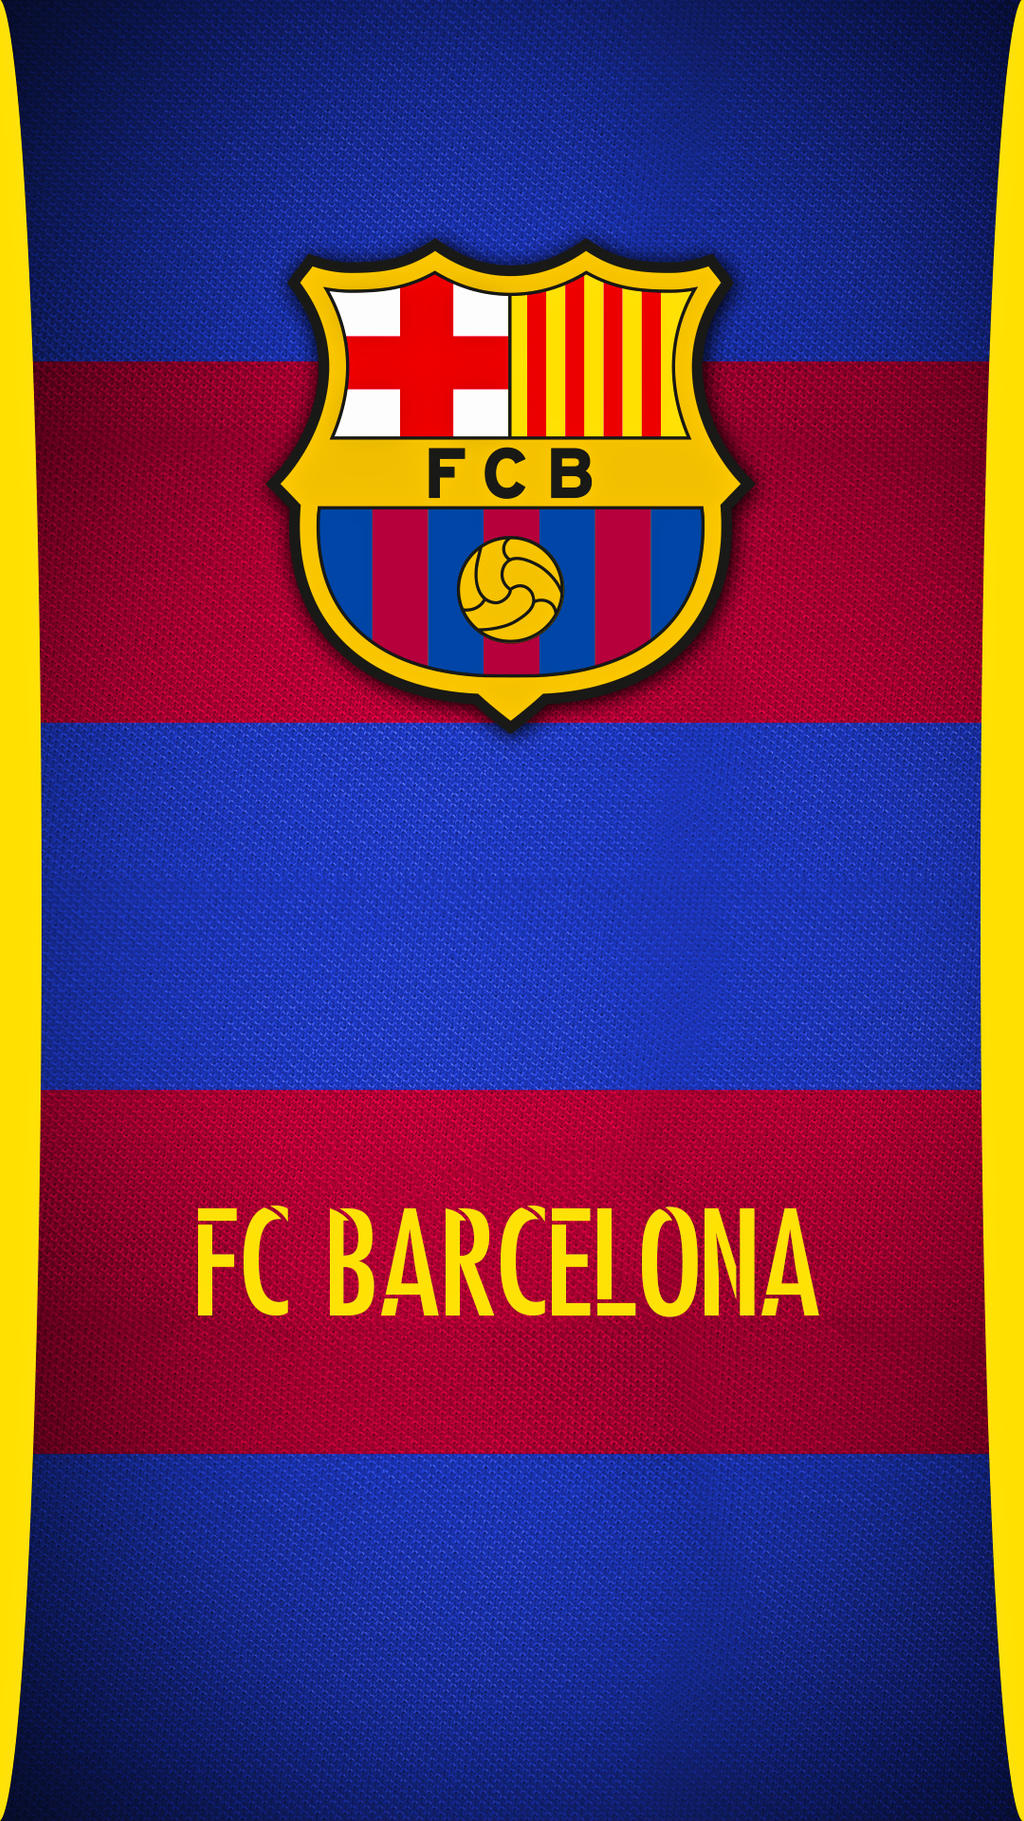 Unduh 45 Wallpaper Hd Barcelona Gratis Terbaik